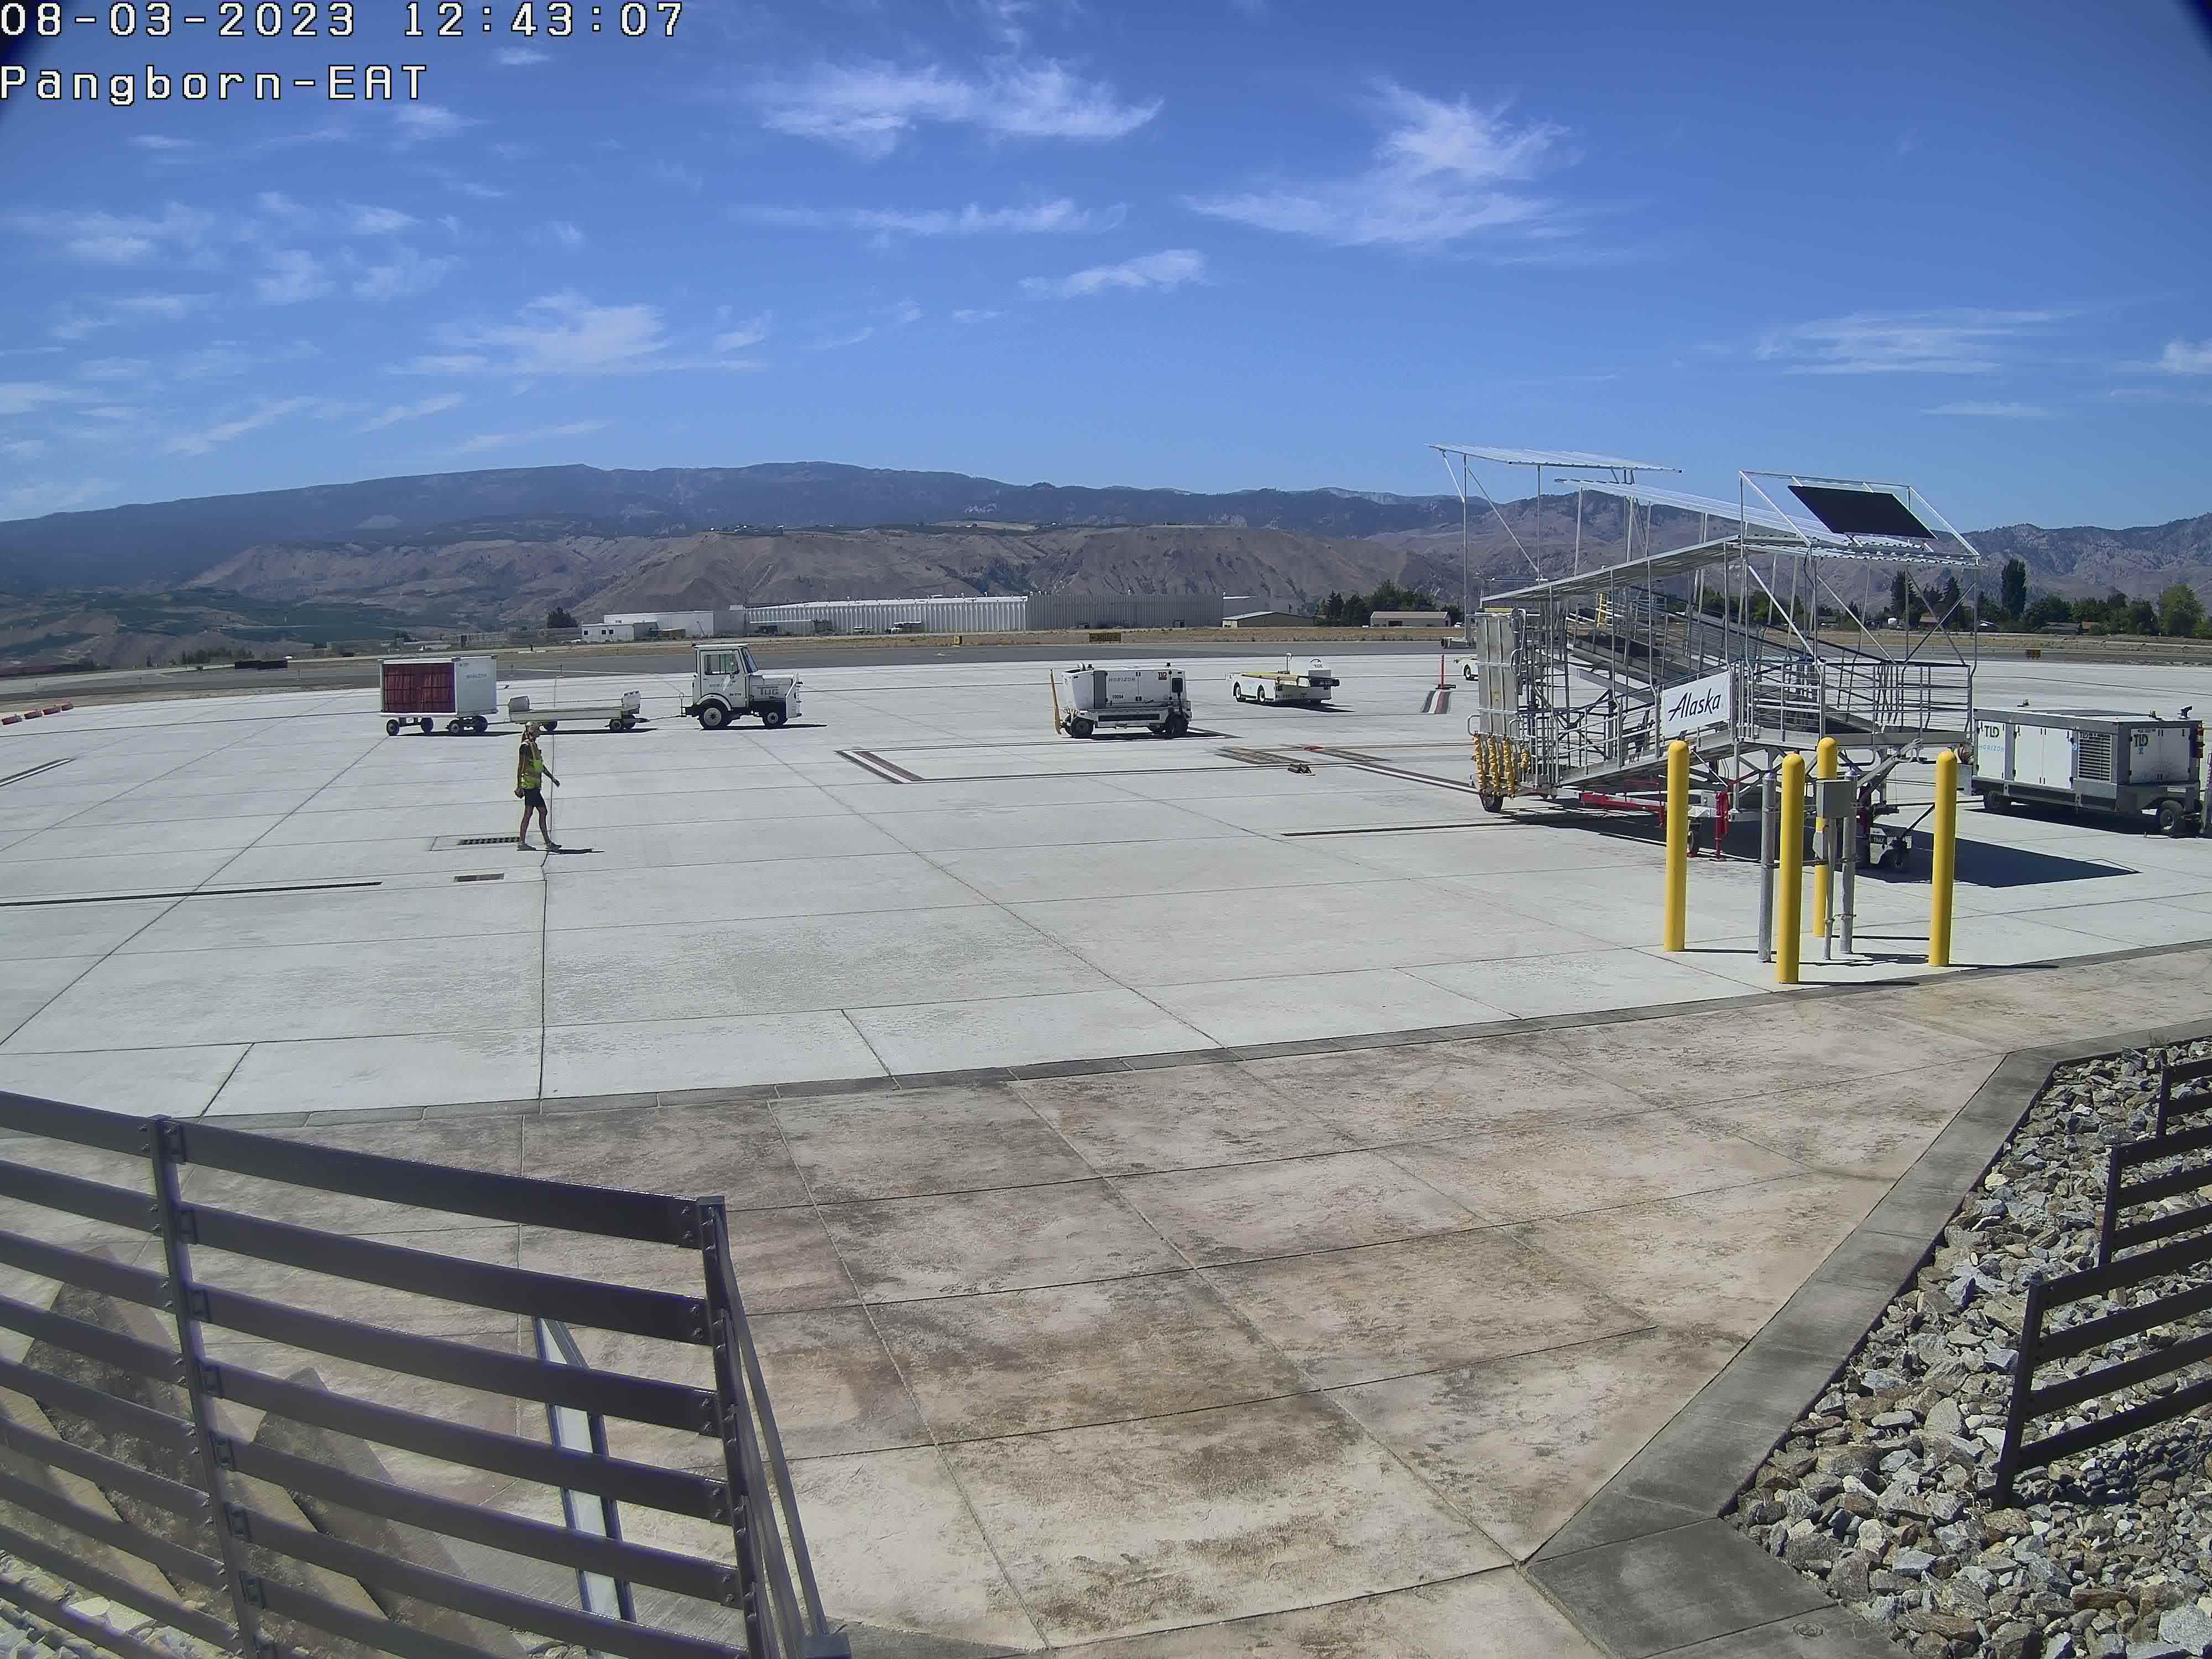 Pangborn Memorial Airport